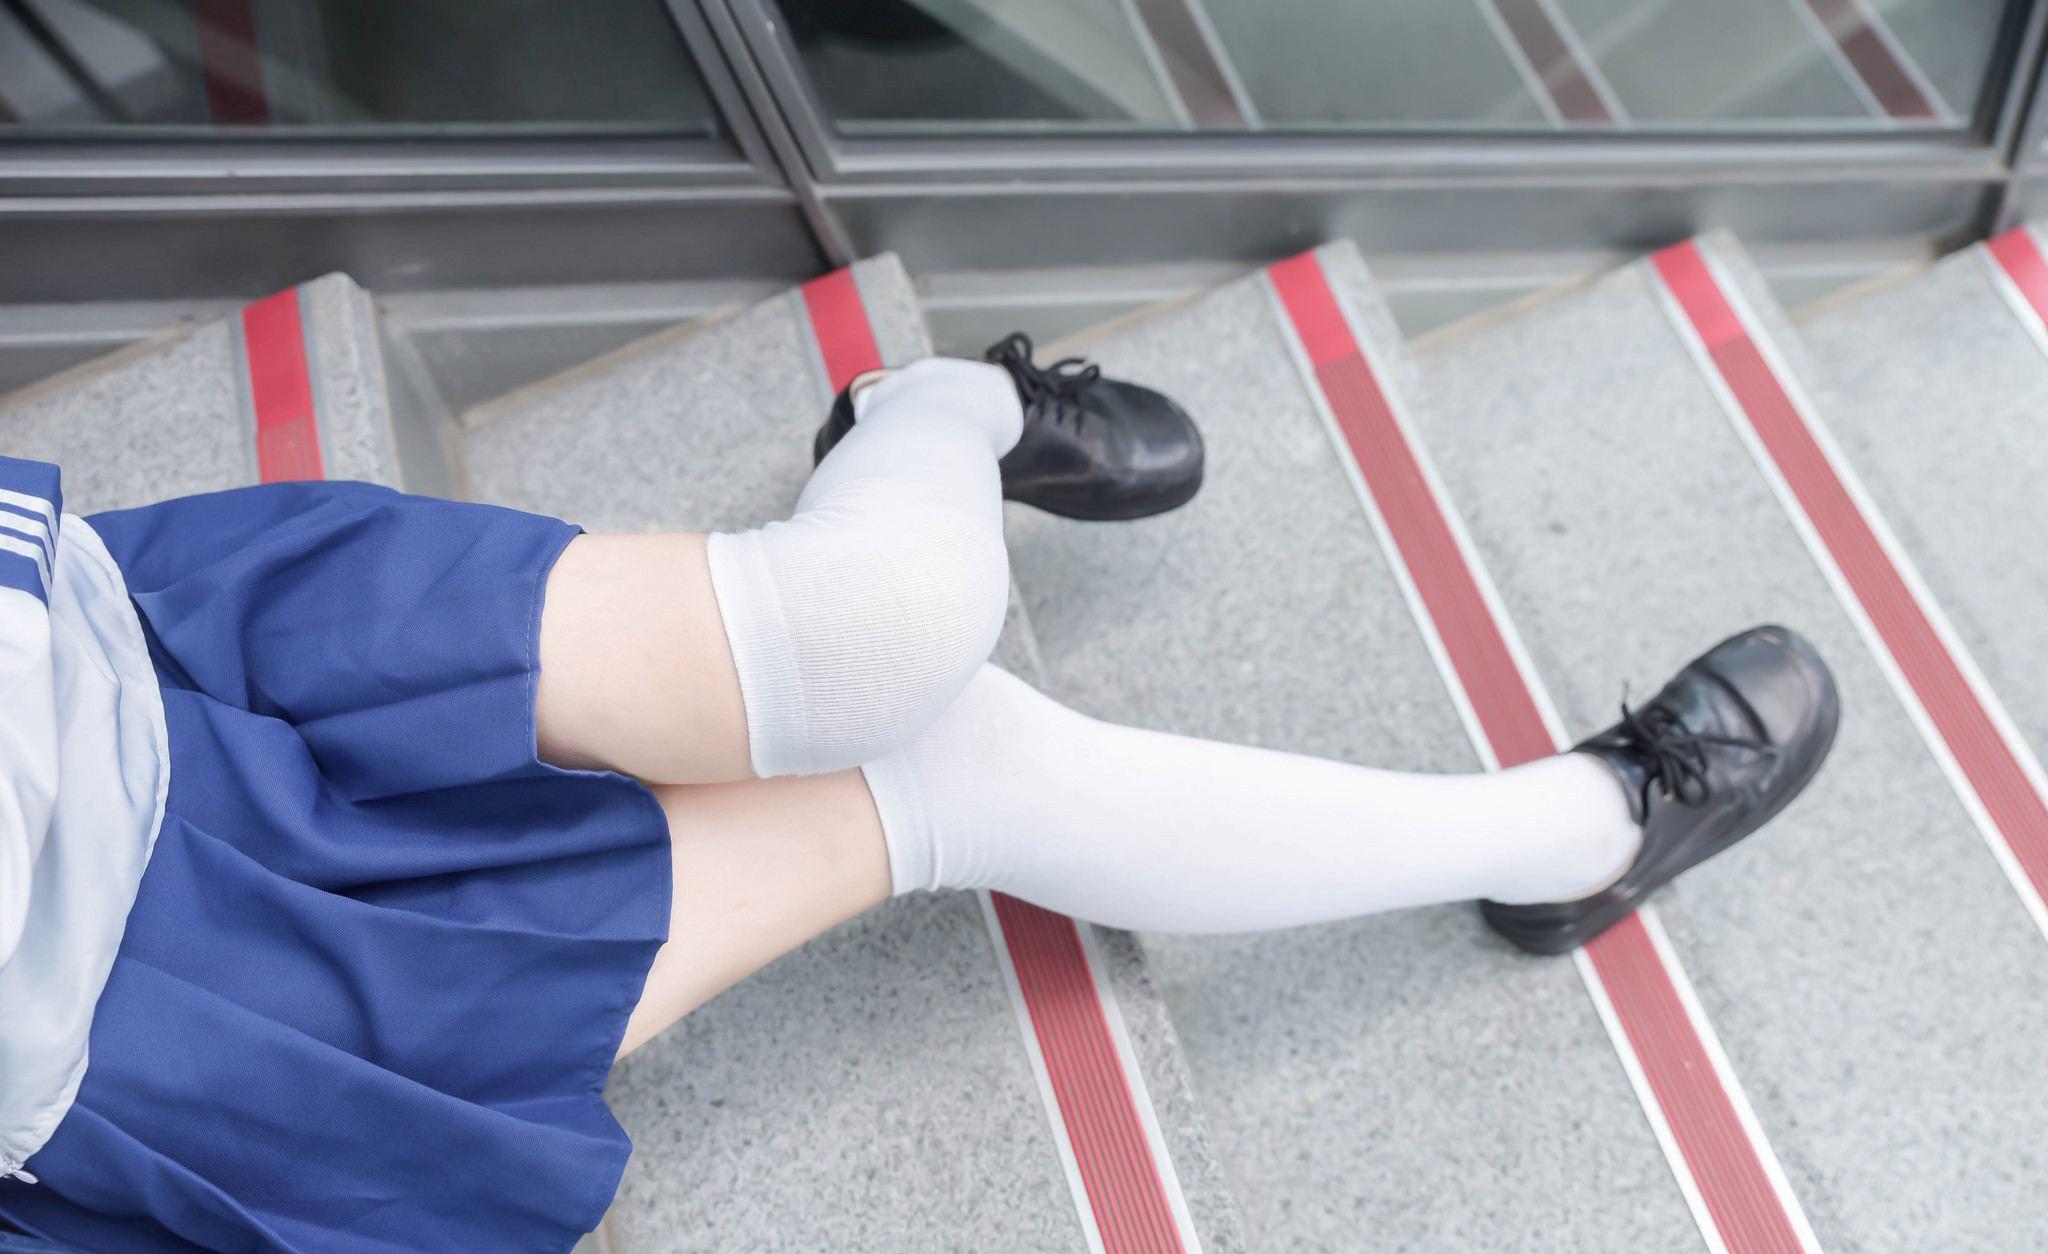 【兔玩映画】沉迷看腿,无法自拔 兔玩映画 第6张